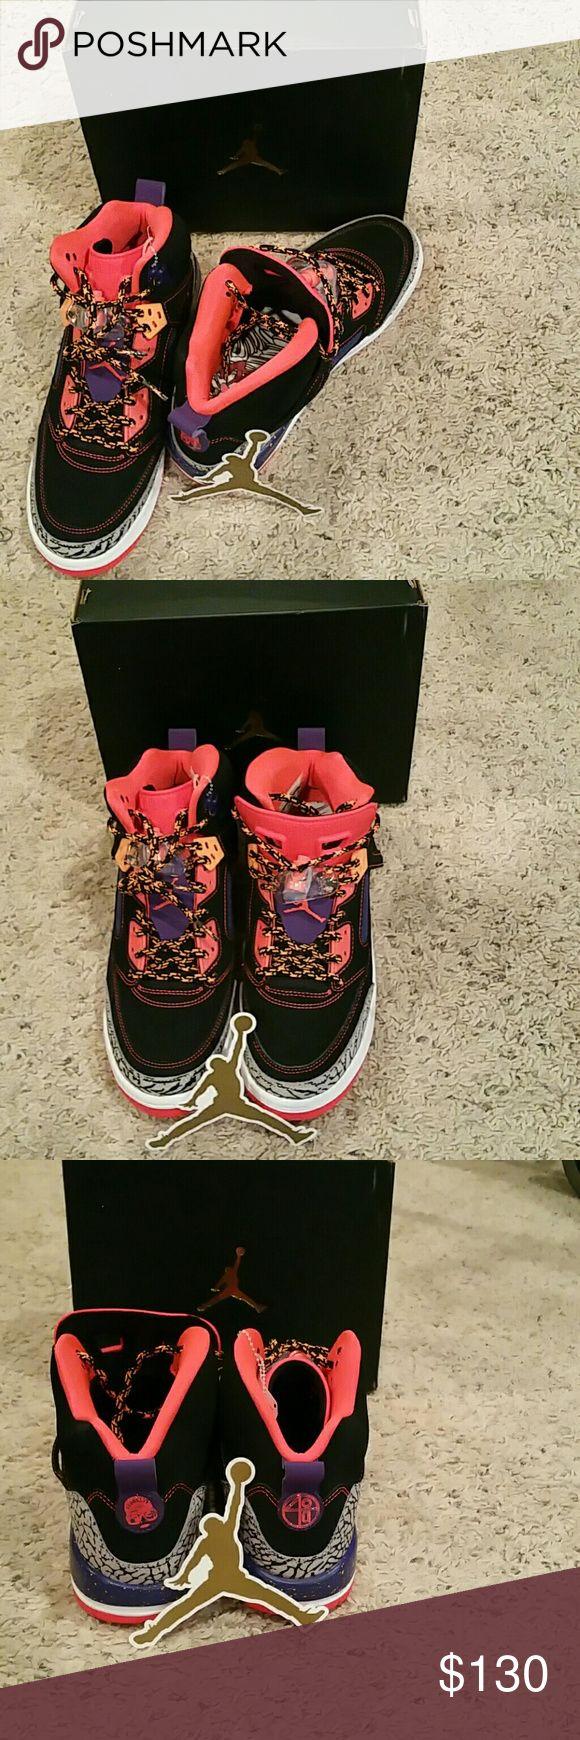 Jordan spike Lee 40 BROOKLYN Dead stock new in the boxes jordan  Shoes